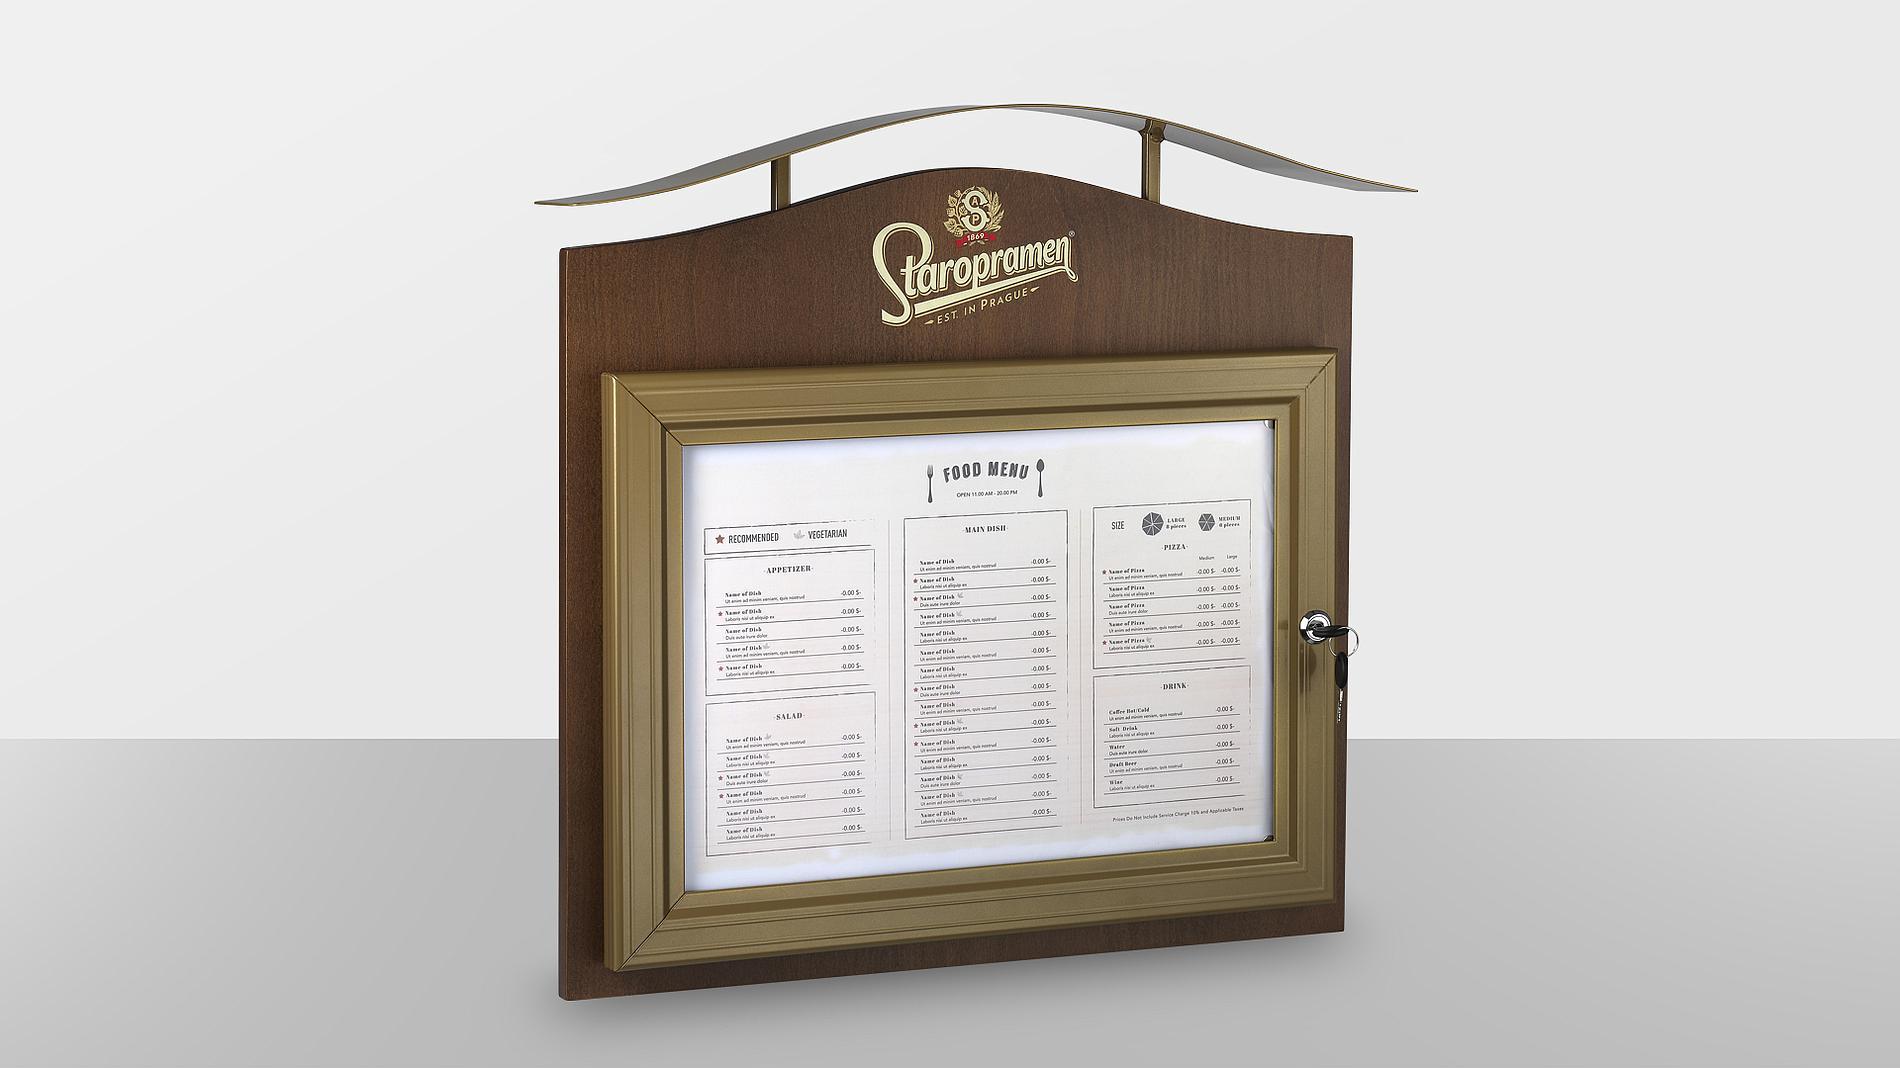 exterior menu Staropramen, POS materials